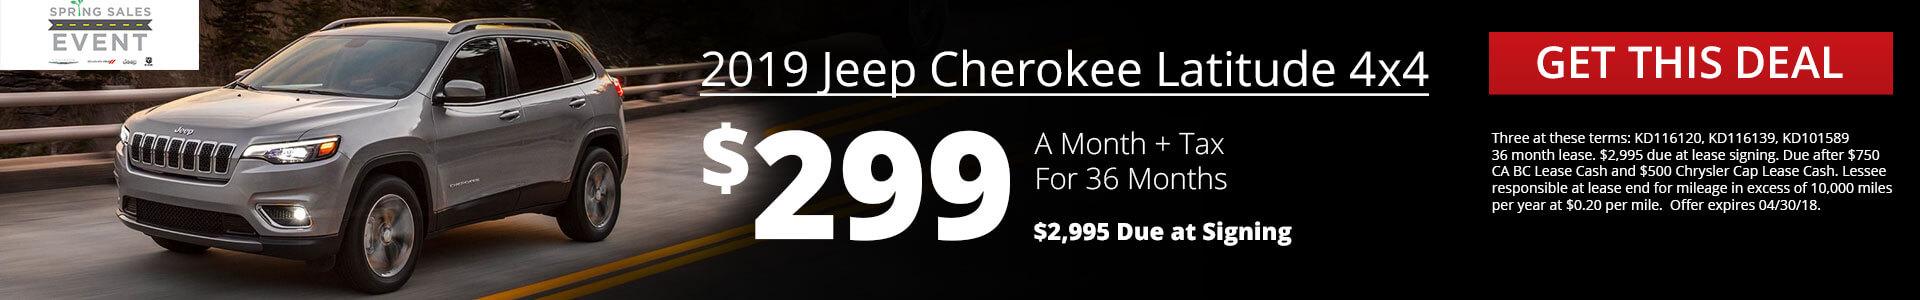 Cherokee SRP